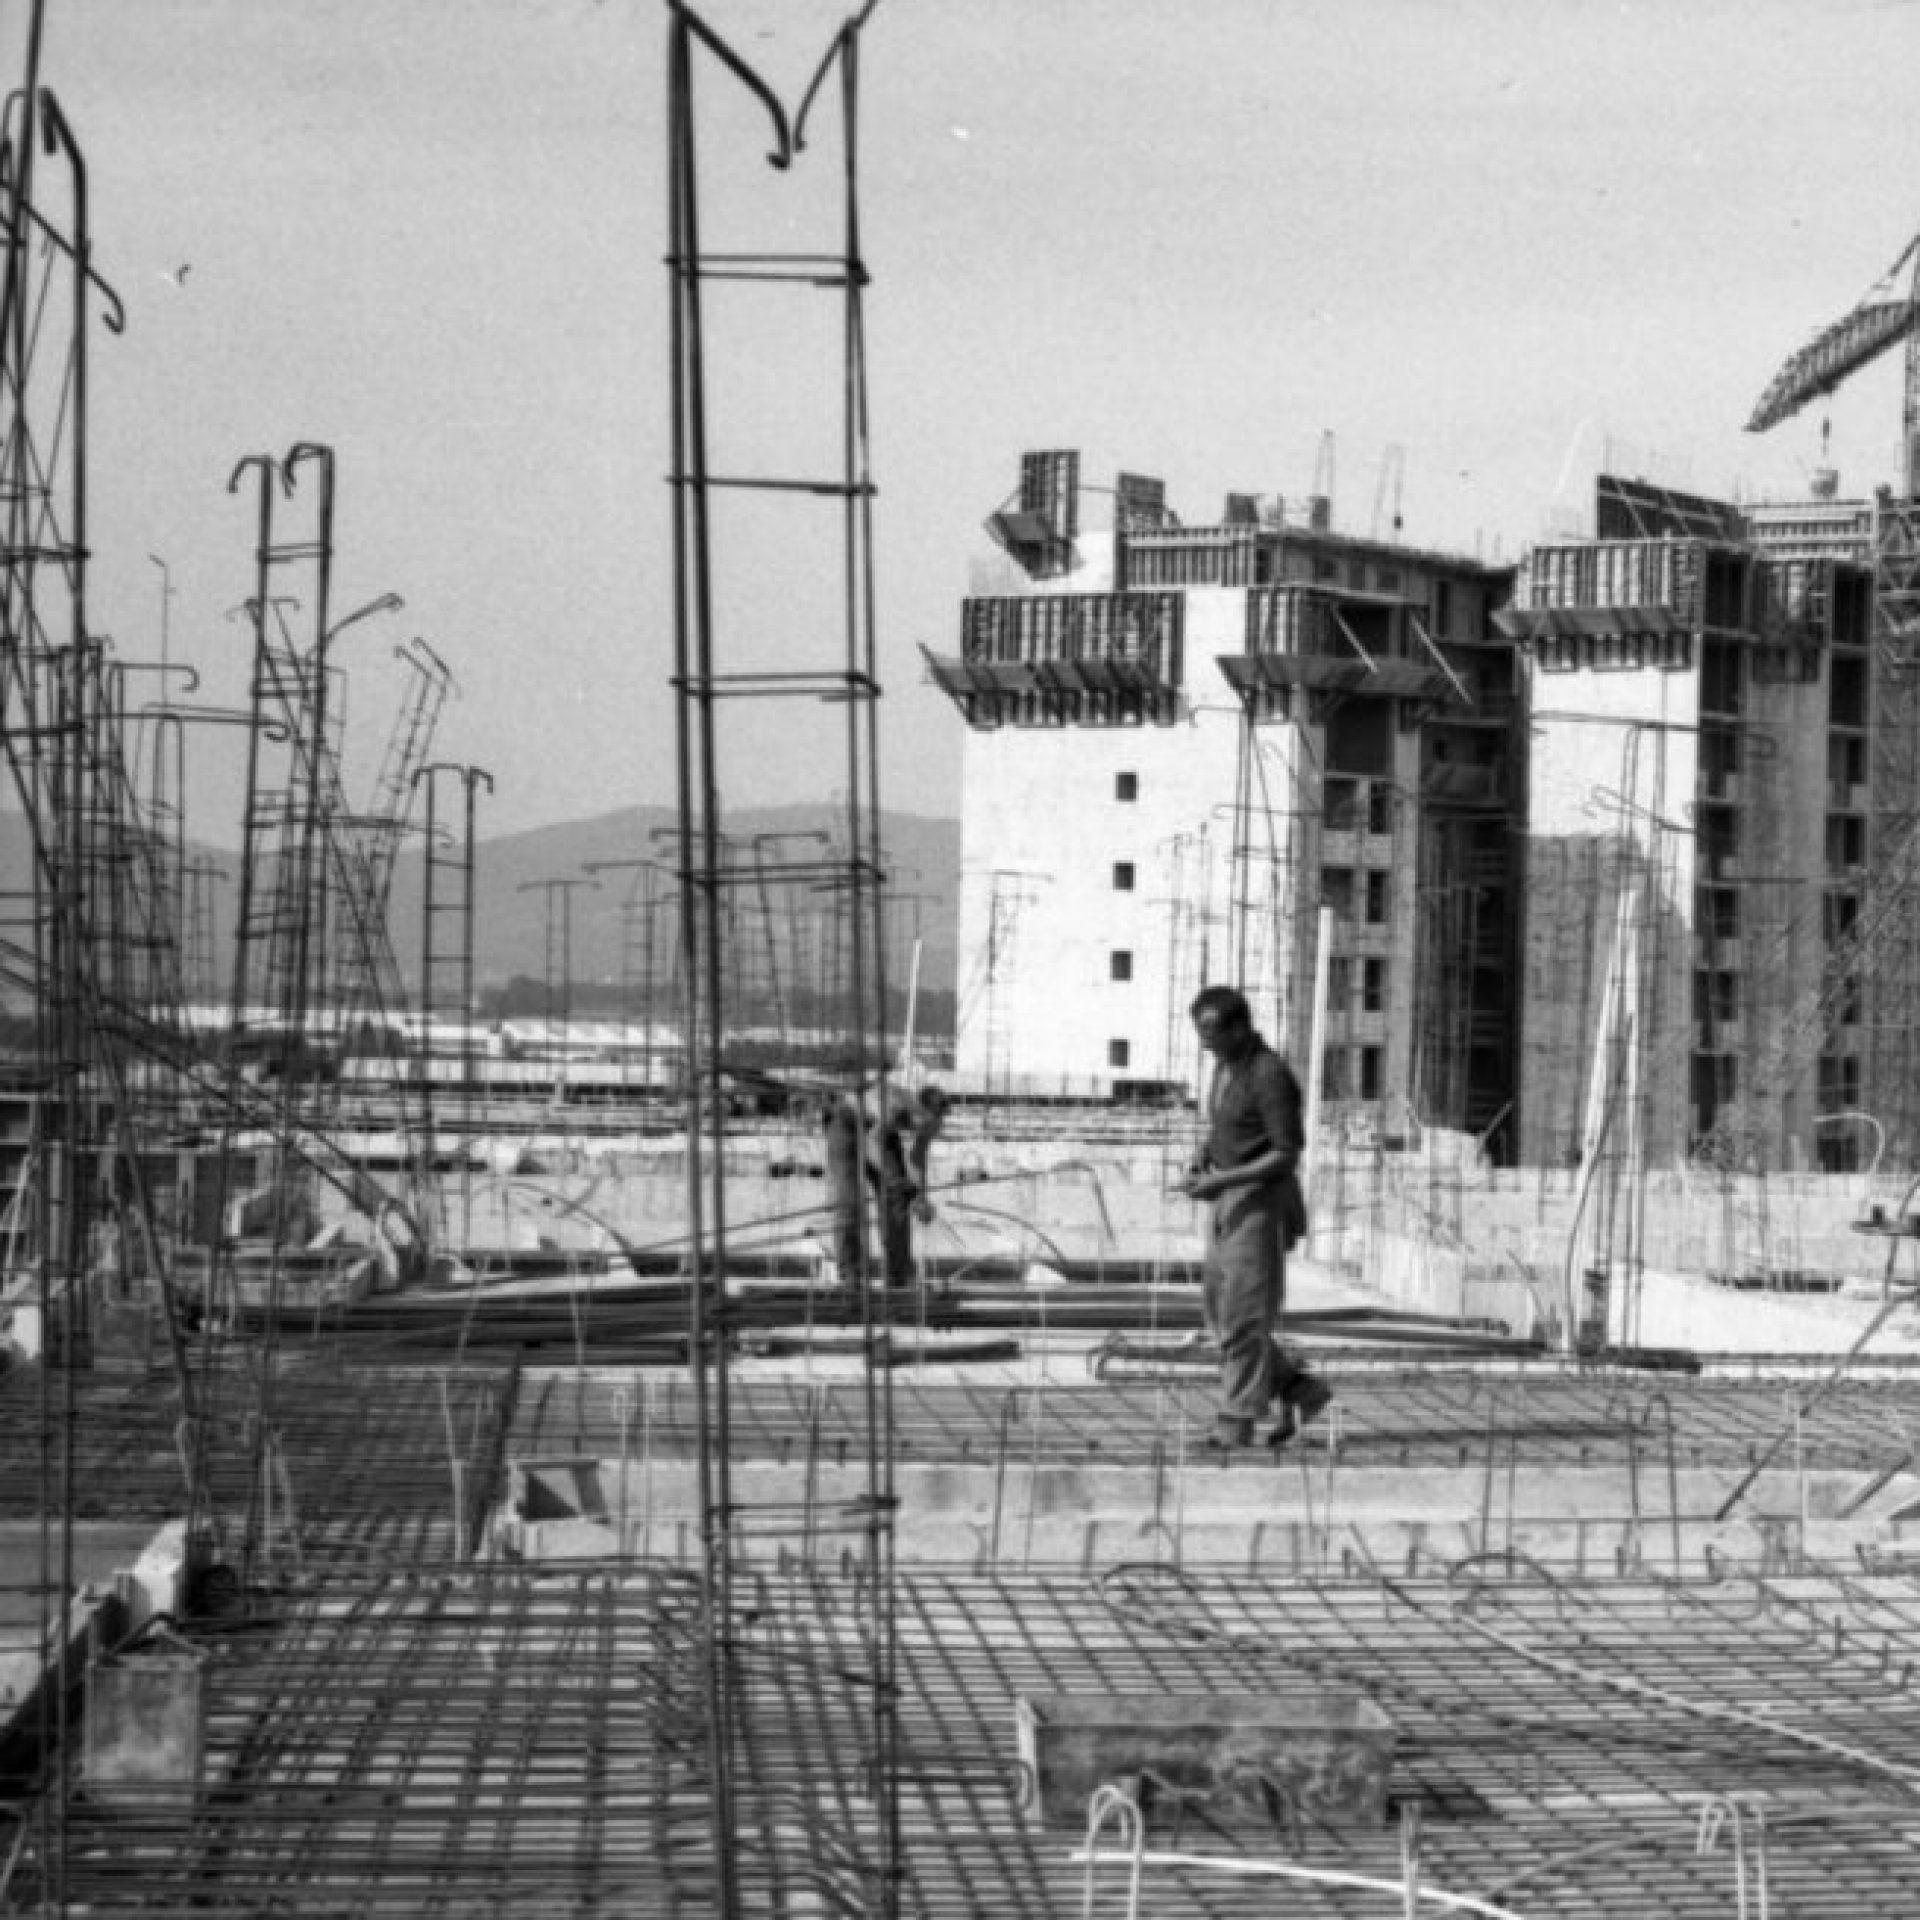 Iščem stanovanje, sto let organizirane stanovanjske gradnje